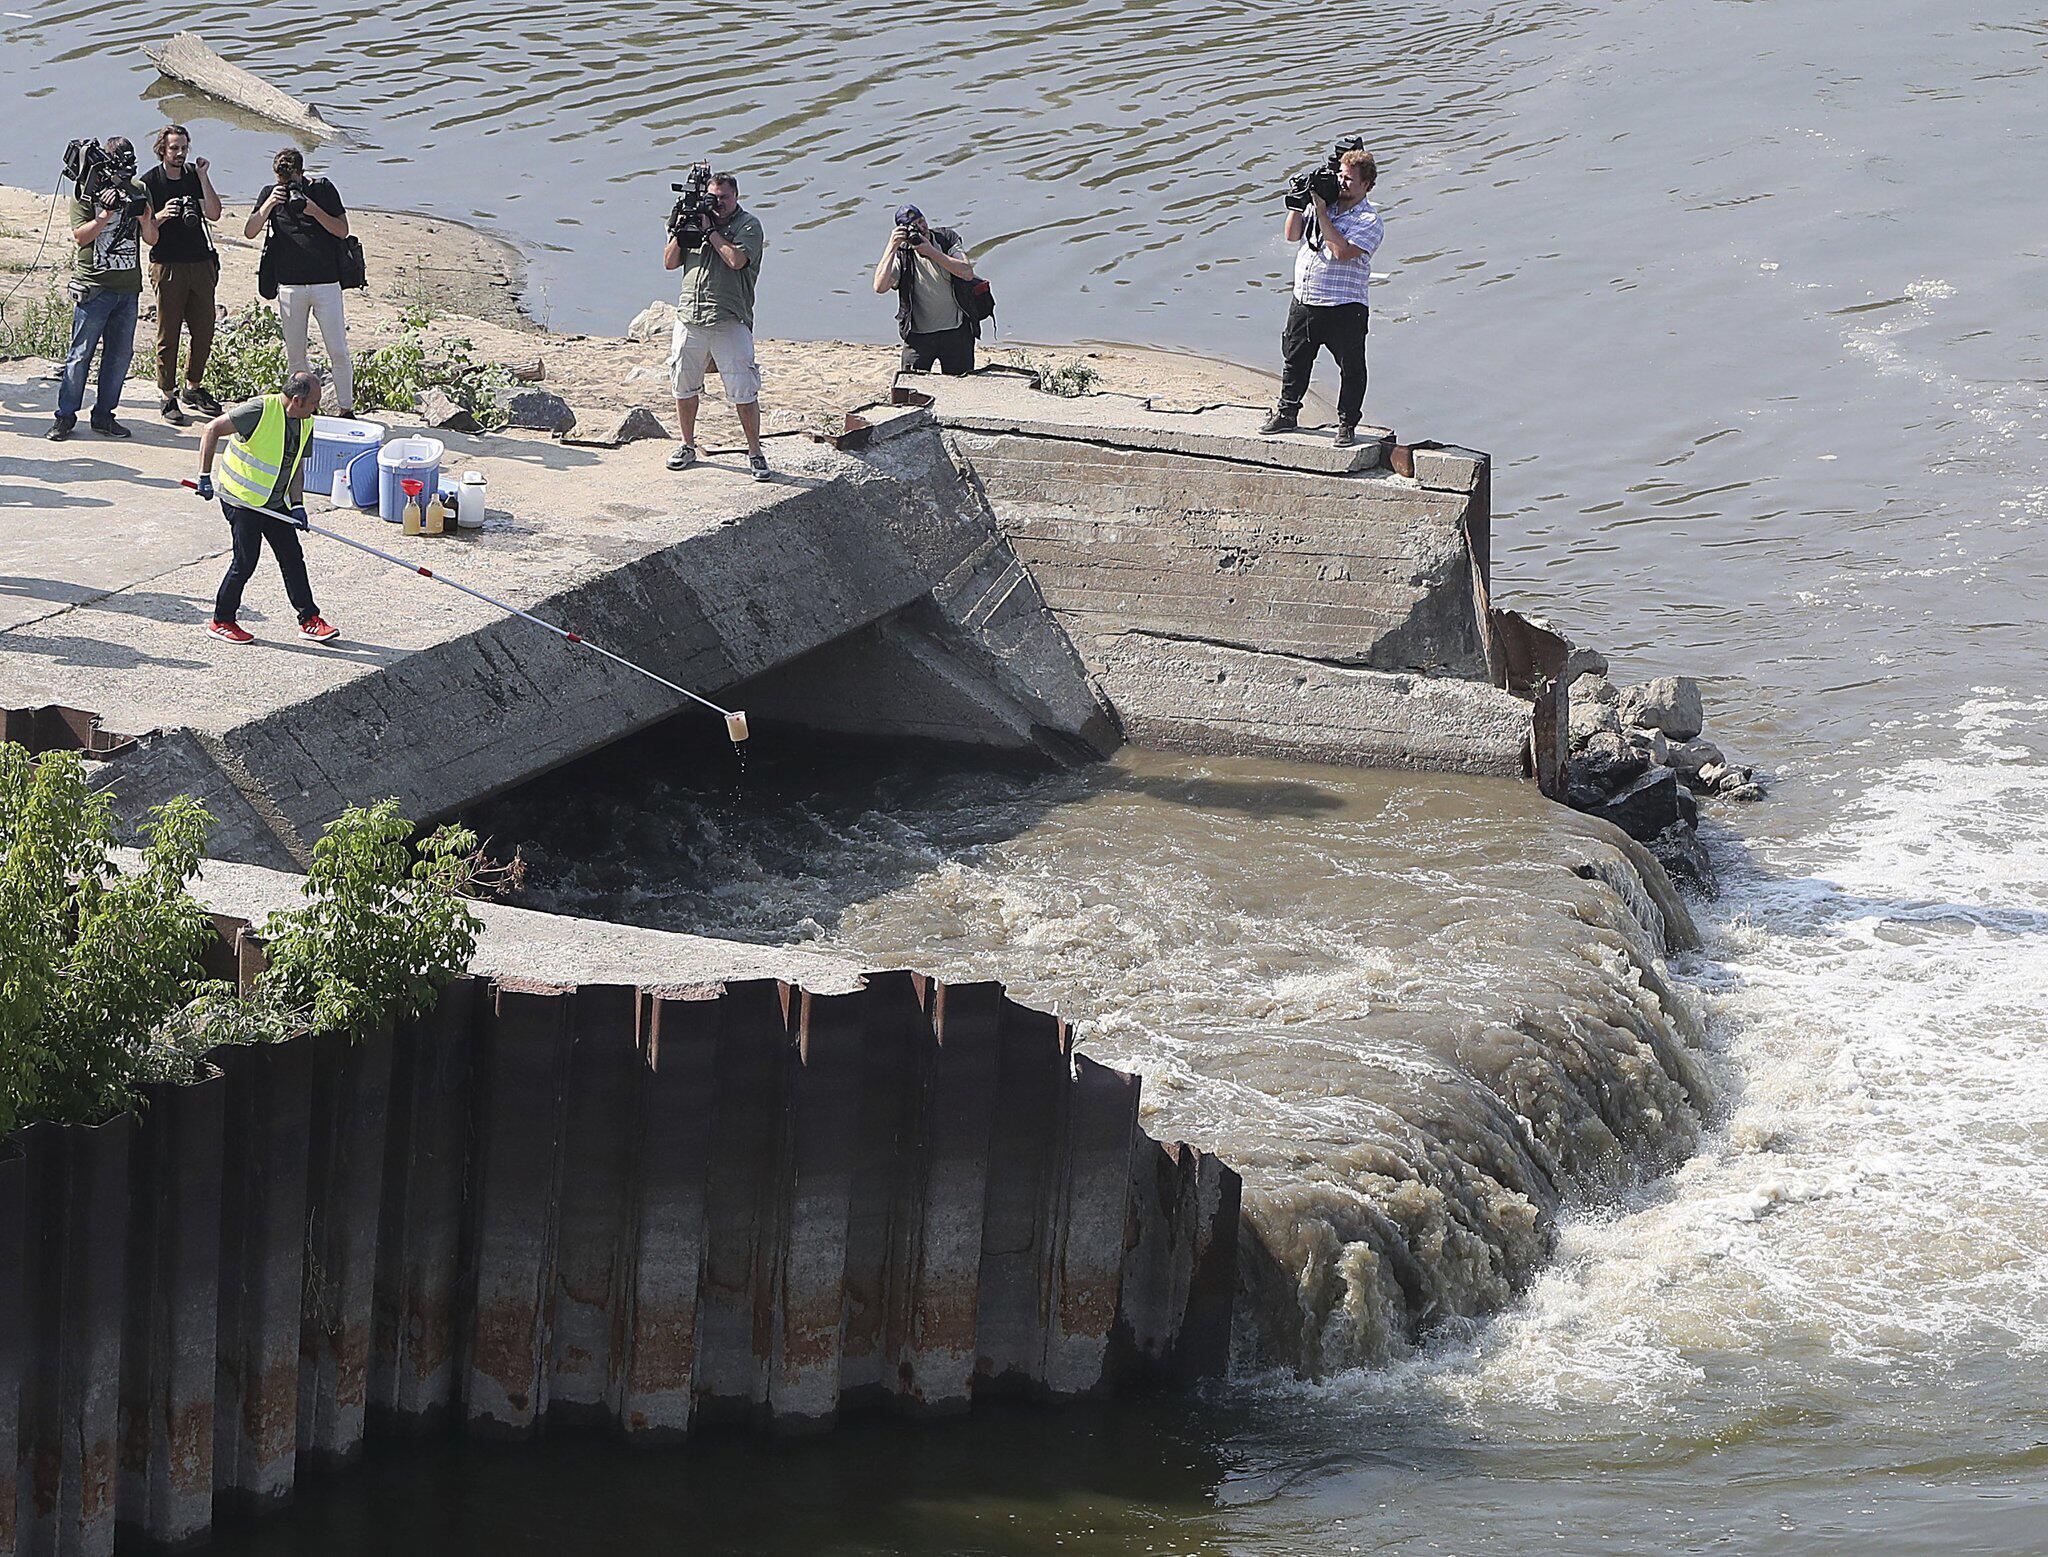 Bild zu Warschauer Kanalisation - Abwasser fließt in die Weichsel